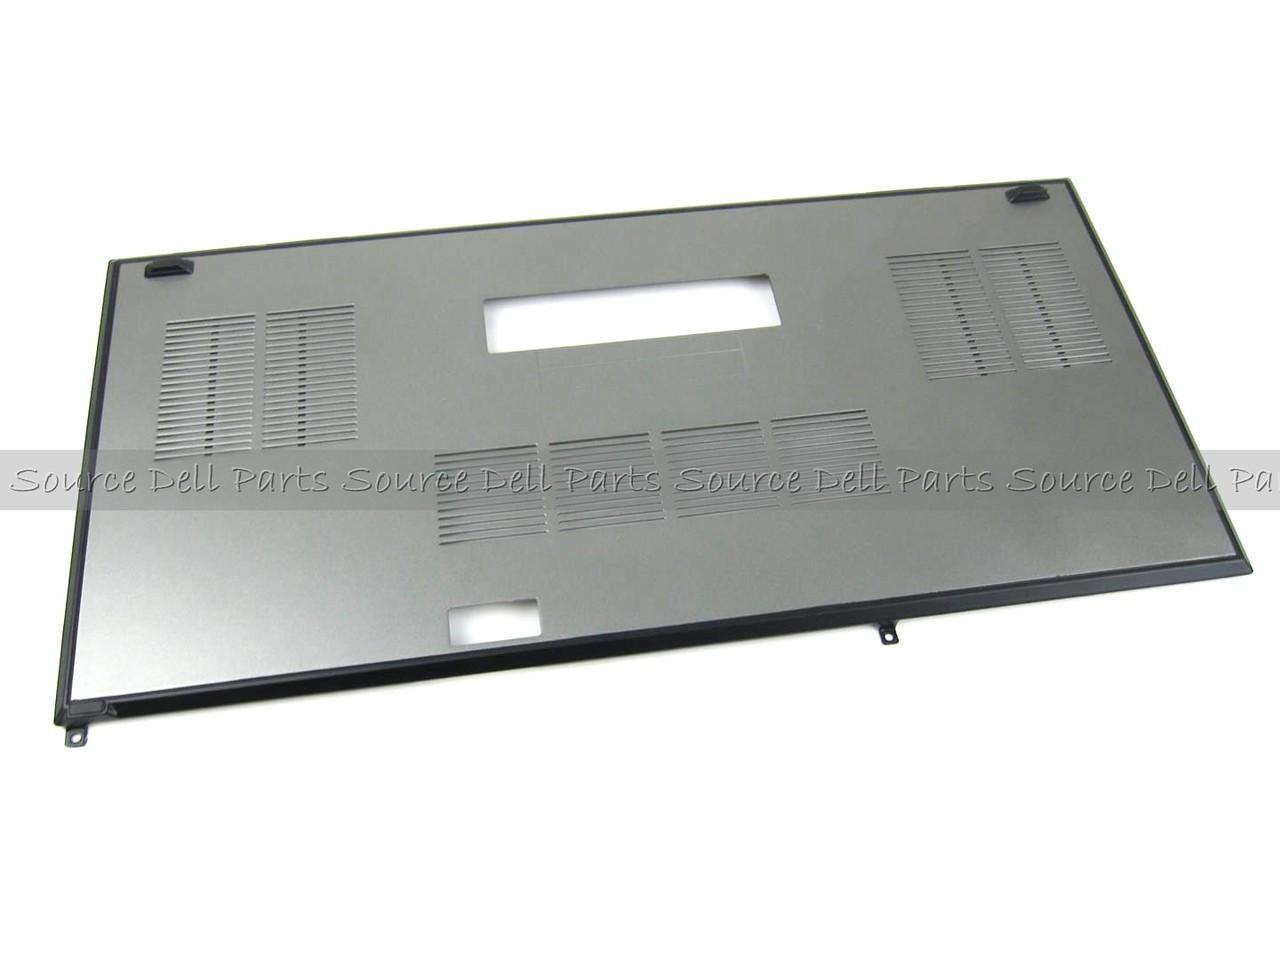 Dell Precision M6400 Bottom Access Panel Door - R423F